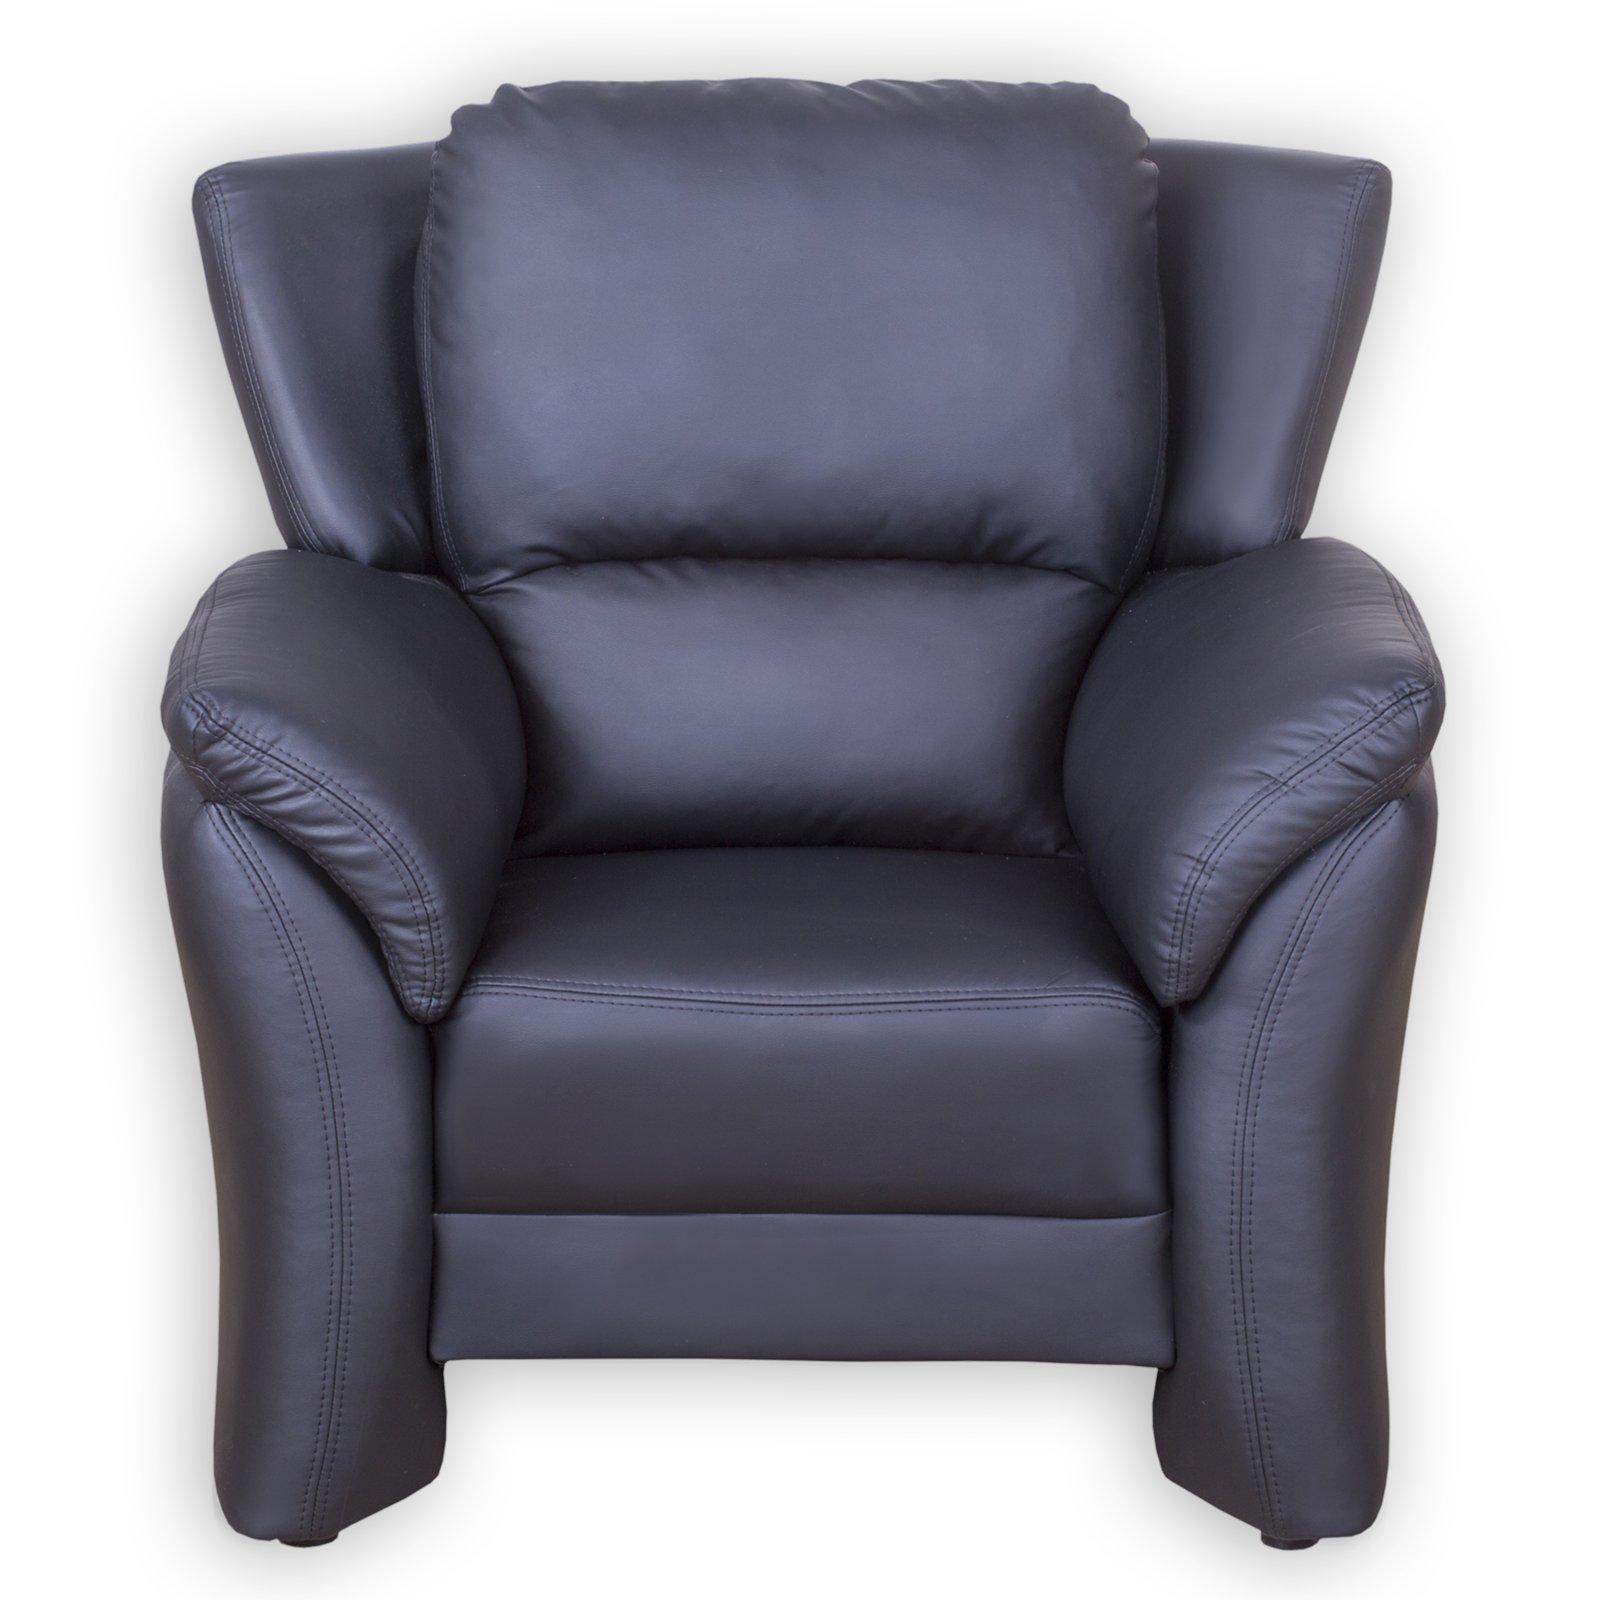 roller sessel schwarz kunstleder ebay. Black Bedroom Furniture Sets. Home Design Ideas